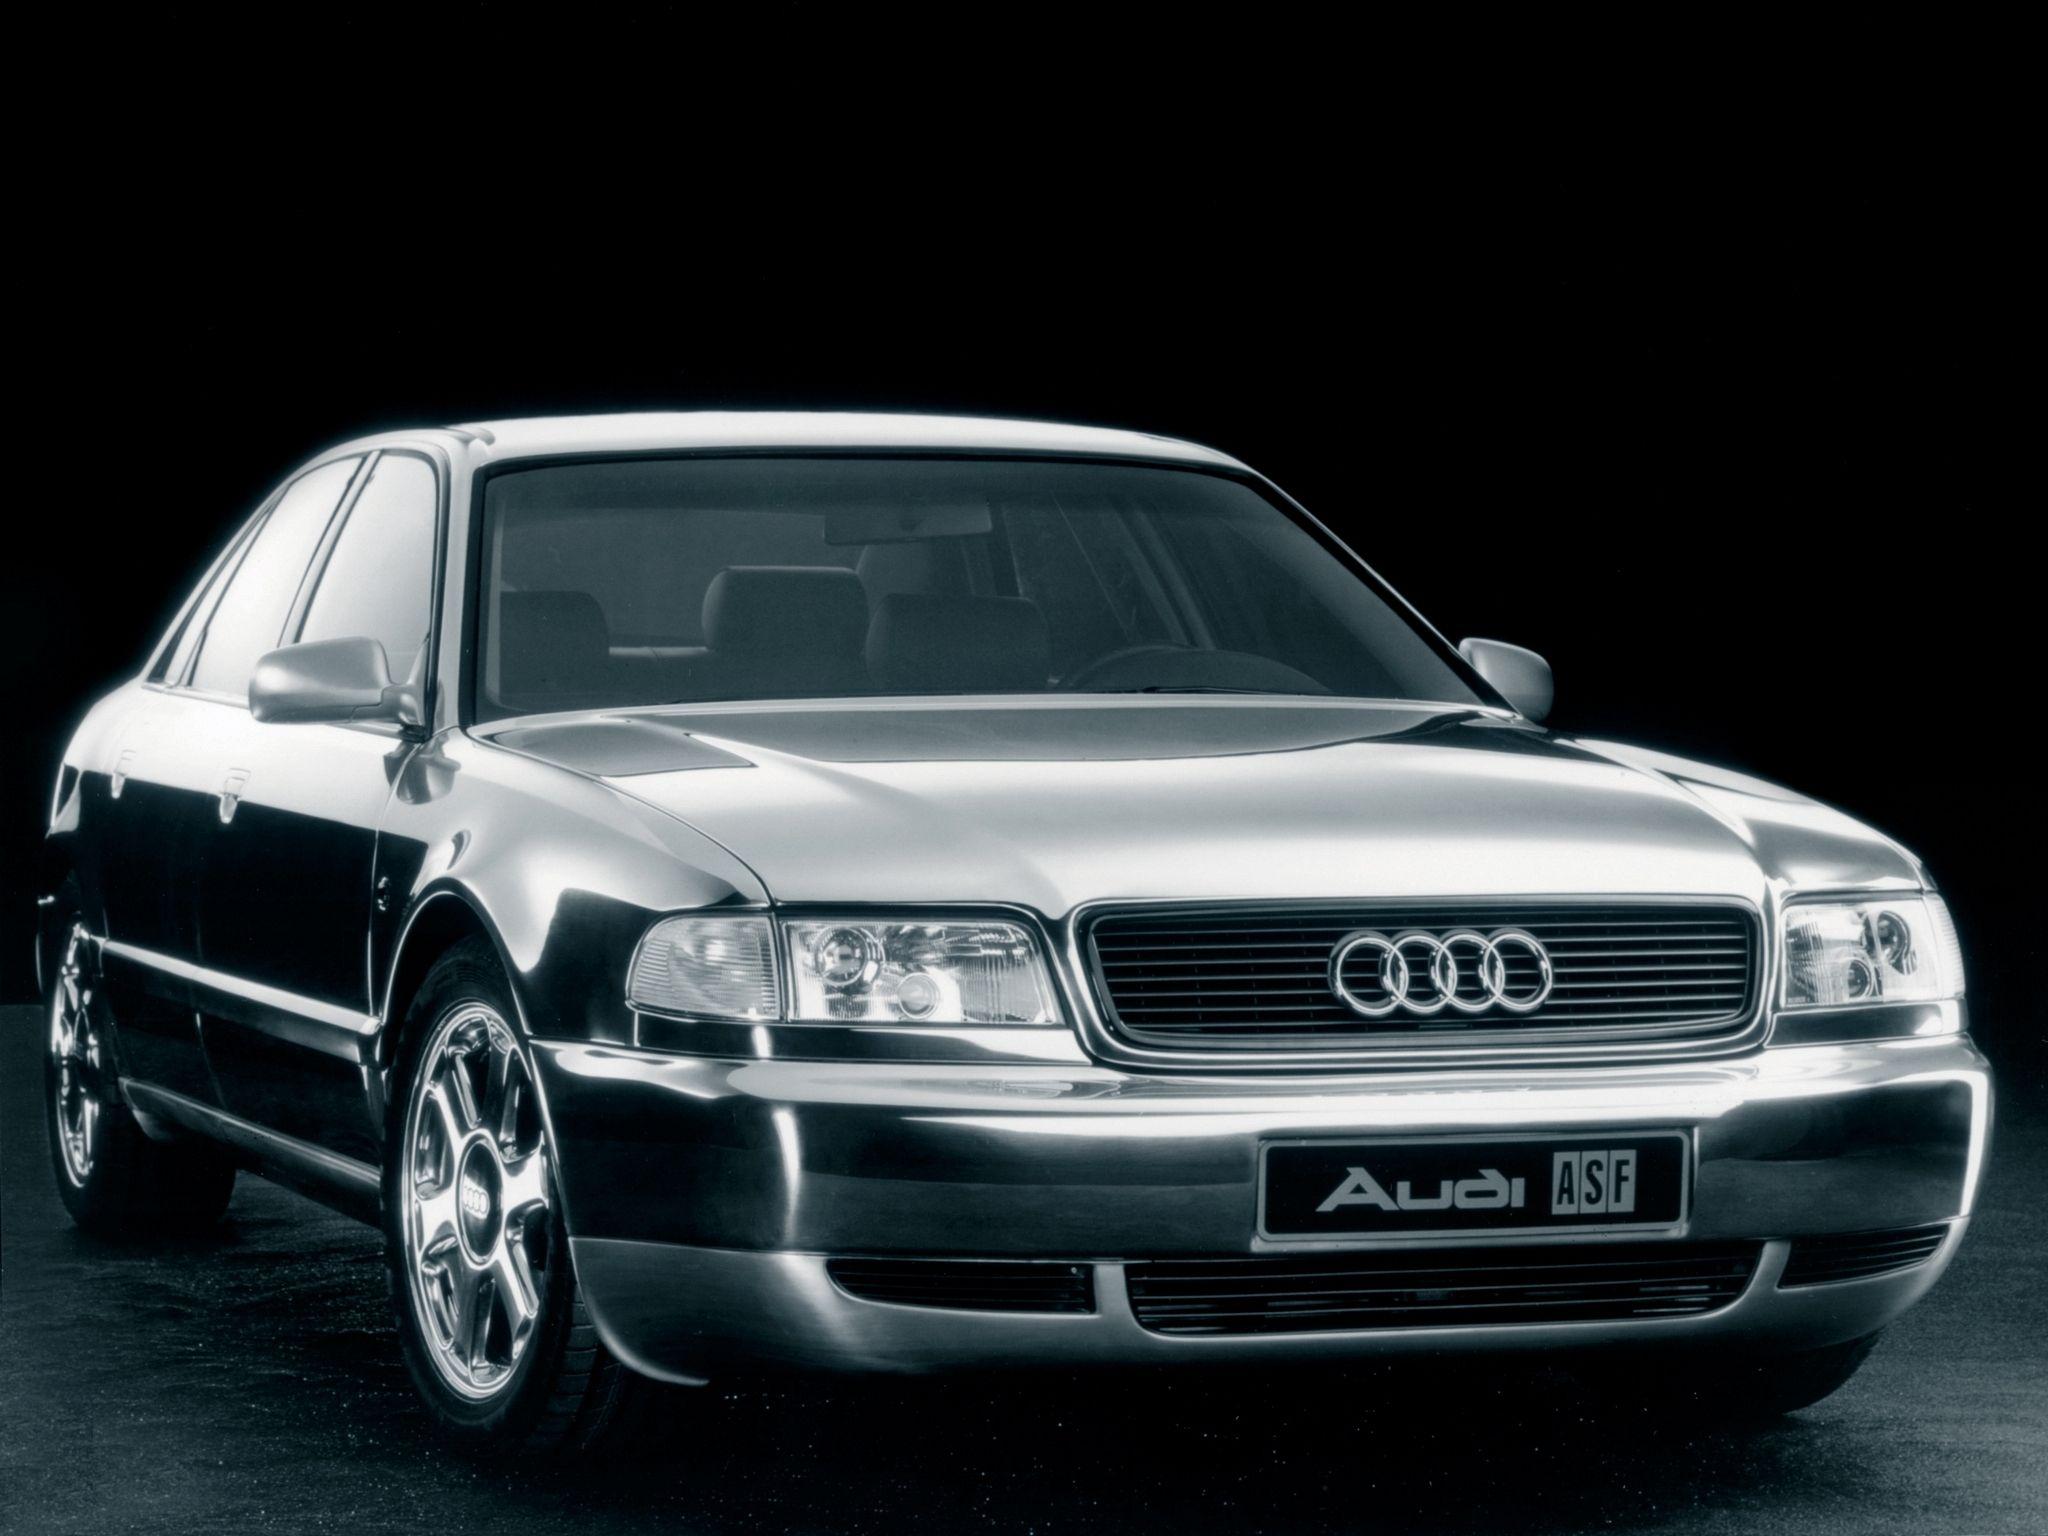 Audi ASF Concept wallpaper 3 Automotive Pinterest